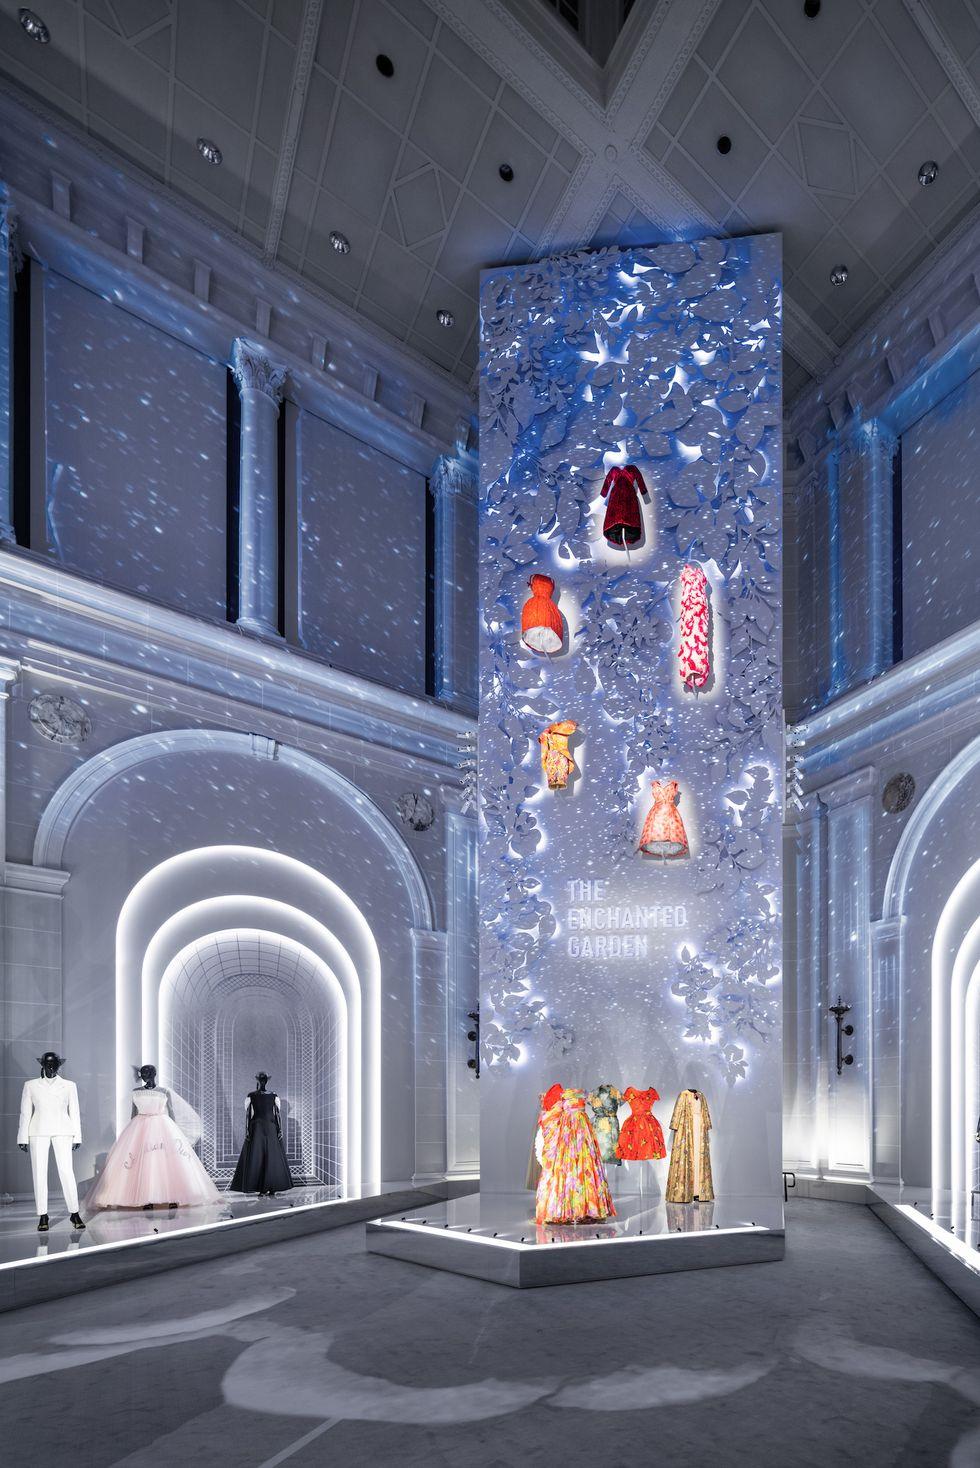 """Những """"thiết kế giấc mơ"""" của Dior được trưng bày lộng lẫy trước công chúng - 4"""